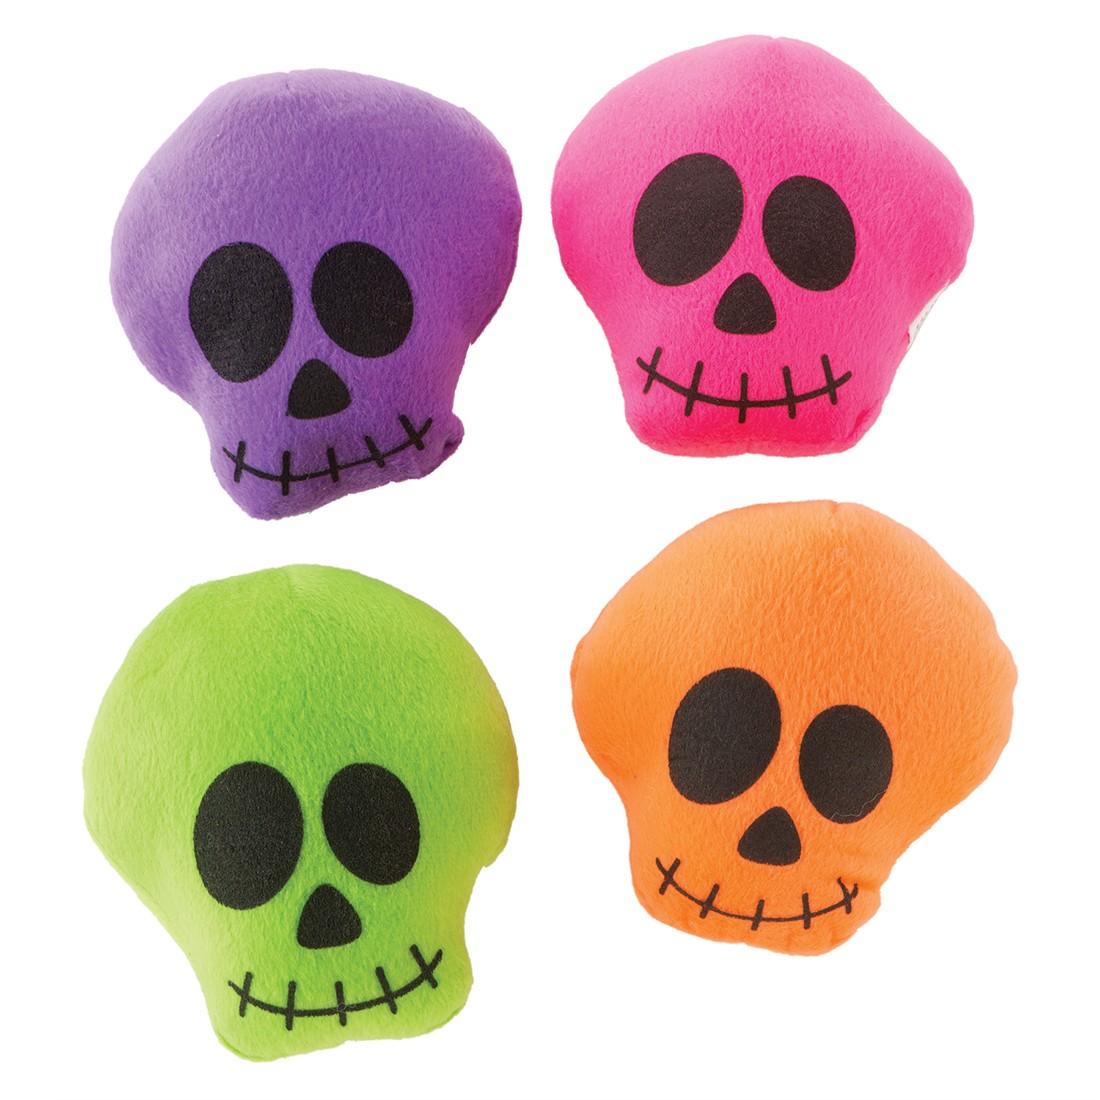 Bright Plush Skulls [image]